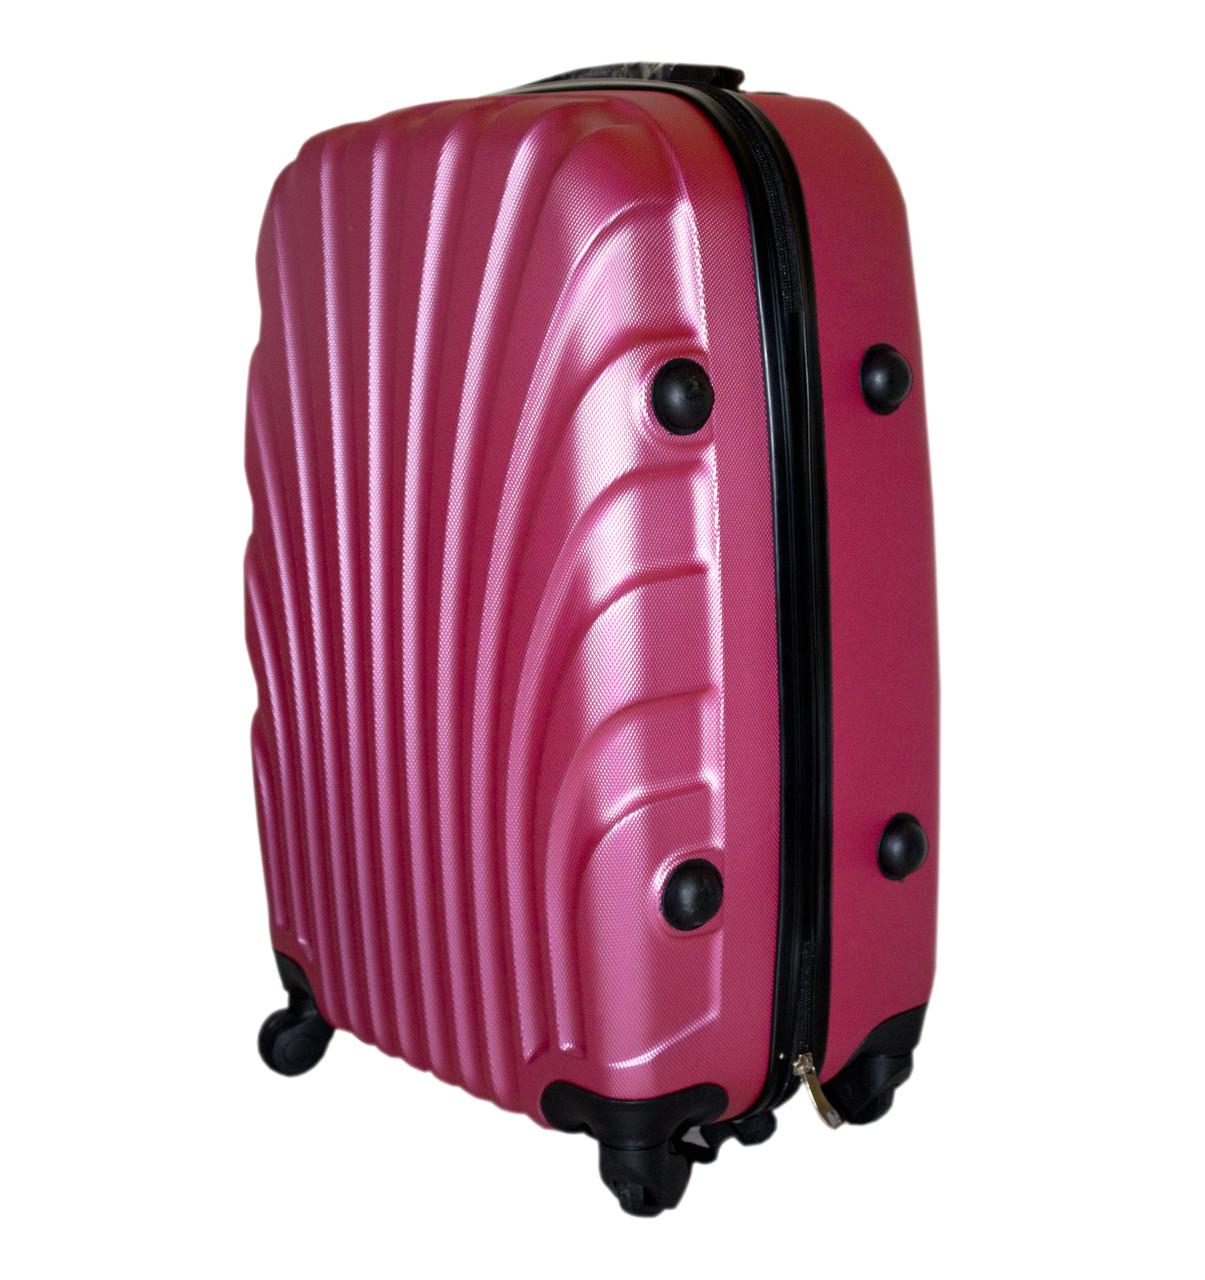 71d1c37b6a04 Дорожный чемодан 4 колеса набор 3 штуки розовый, артикул  6-244, ...